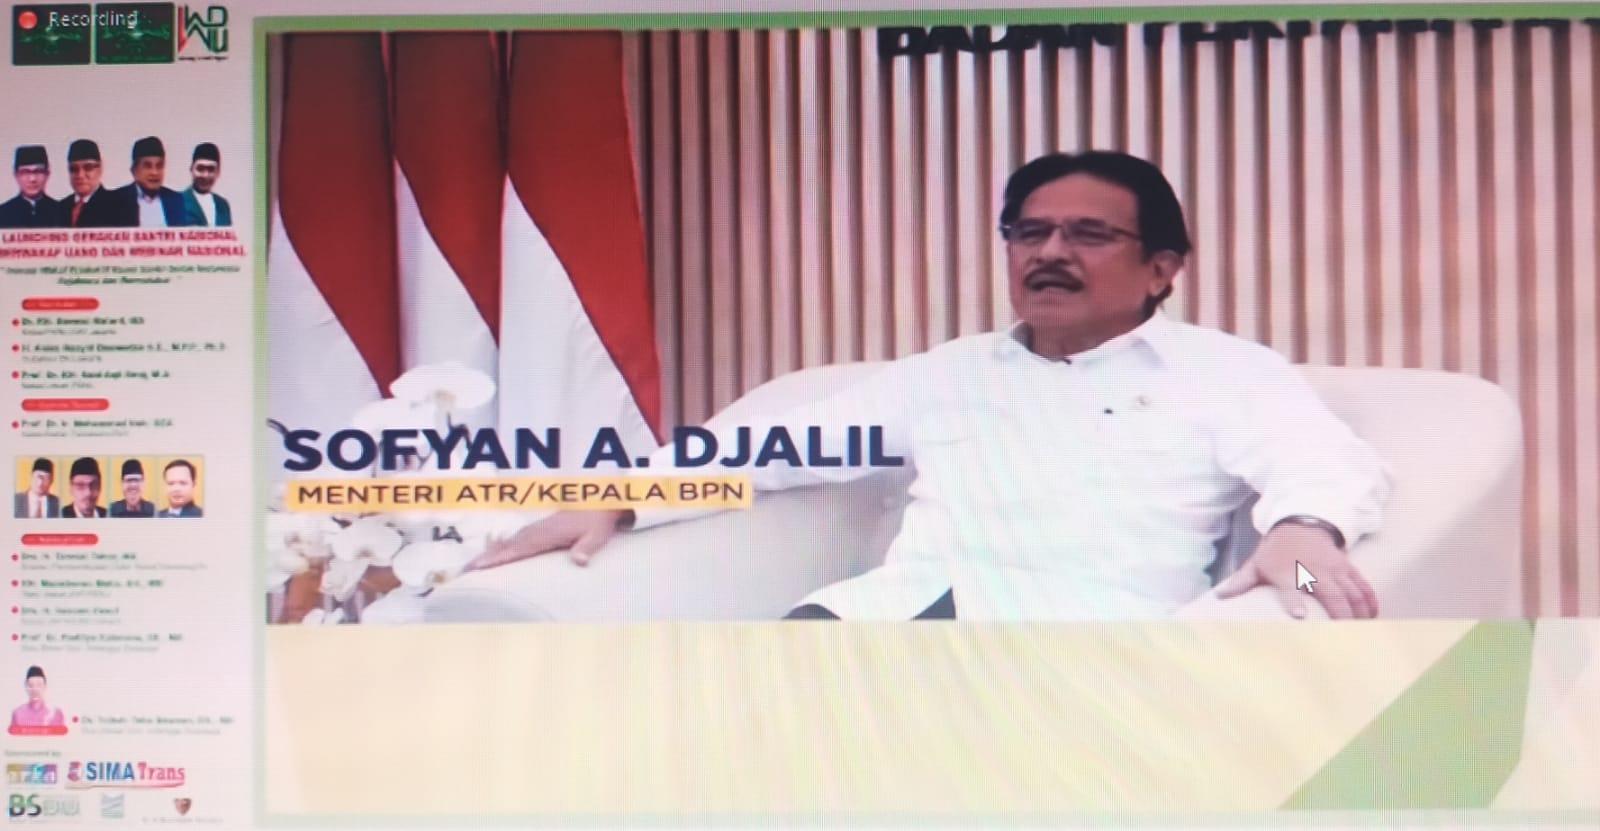 Menteri ATR/BPN: Cakupan pemanfaatan wakaf perlu diperluas